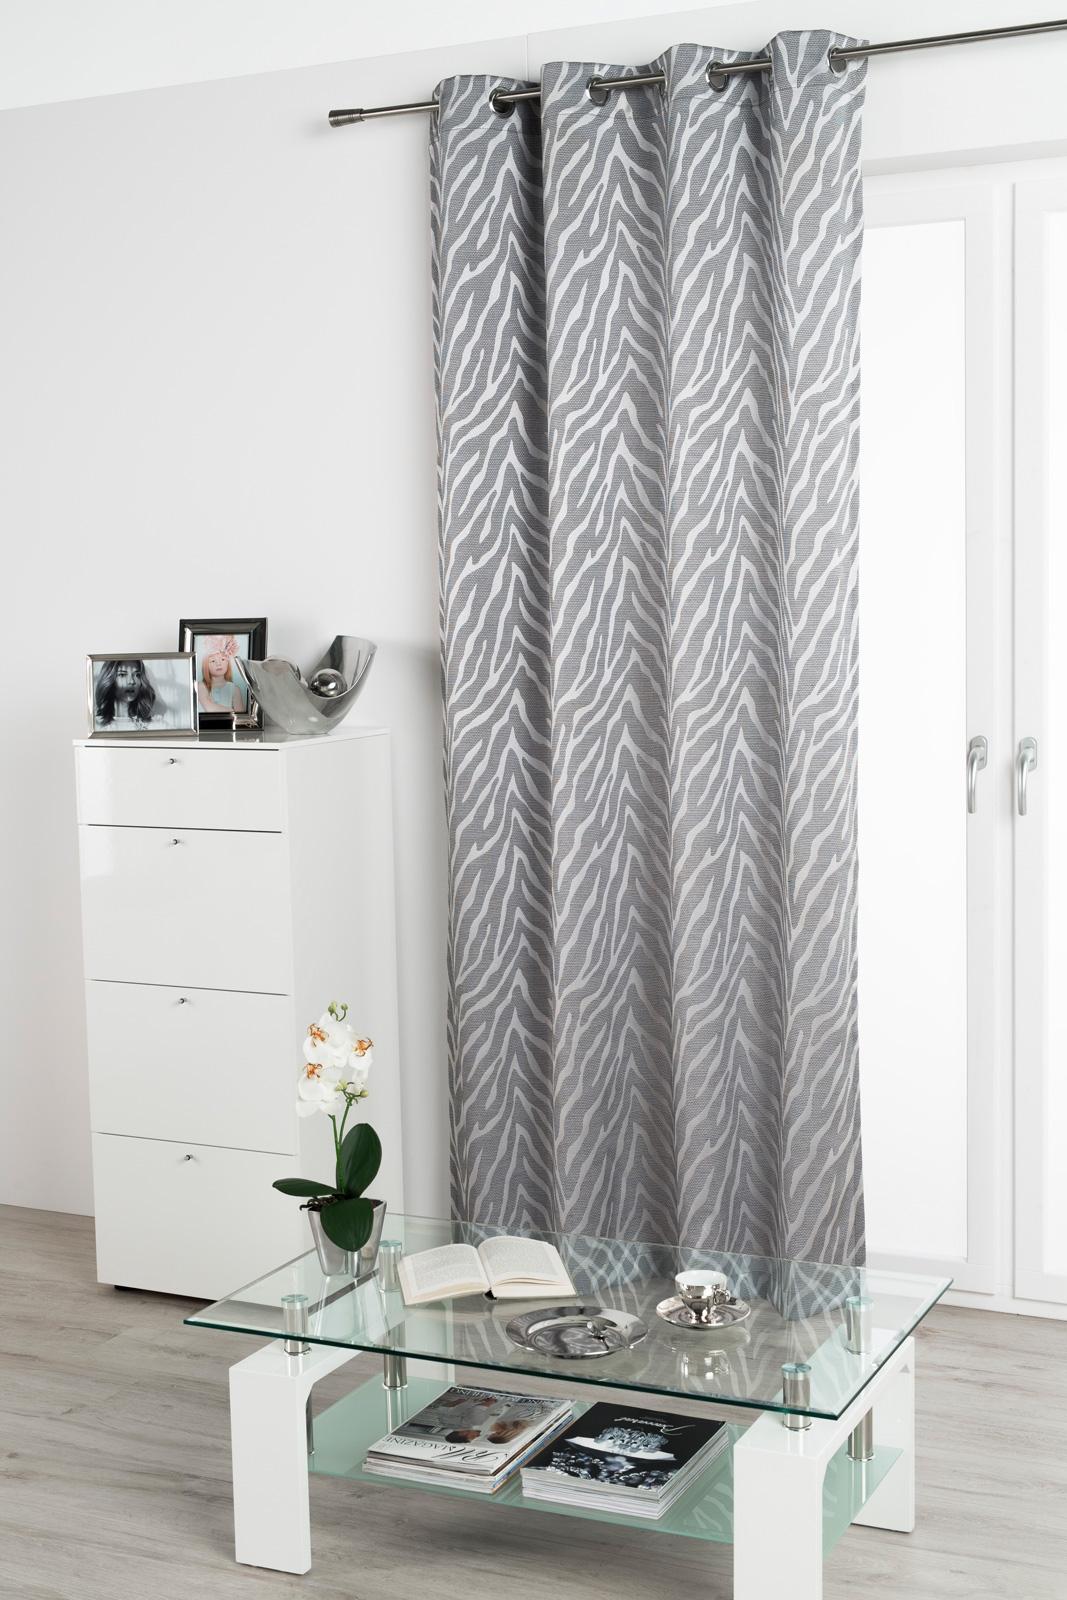 Gardinen und Vorhänge - Ösenschal Vorhang Gardine 135x245 blickdicht mit Metallösen Zora 300300  - Onlineshop PremiumShop321